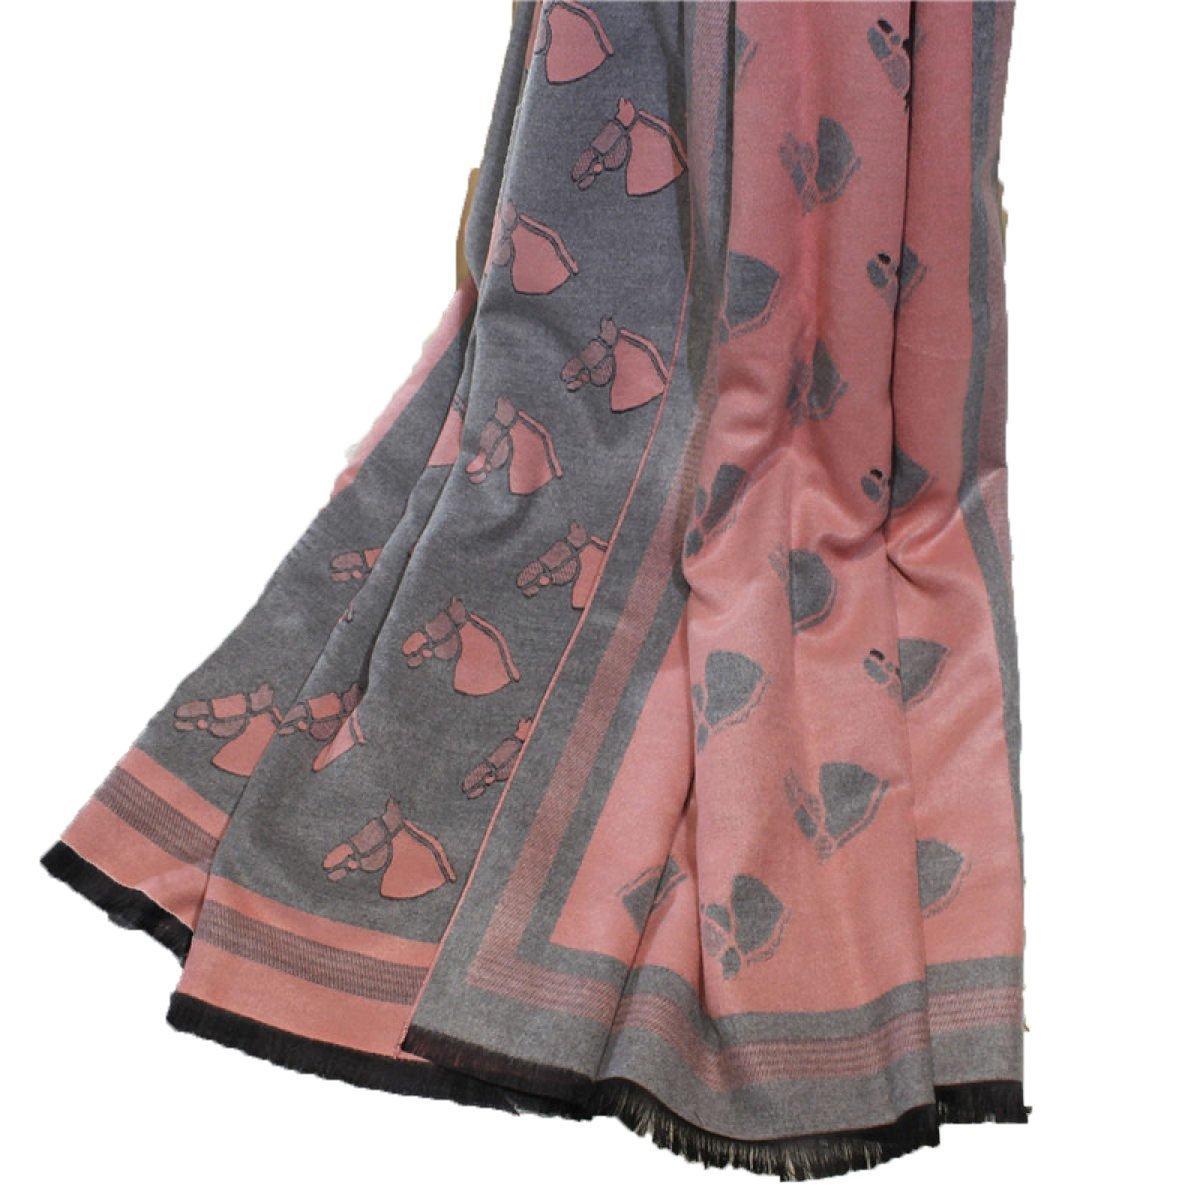 DIDIDD Bufanda de señora doble cara gruesa más gruesa caliente,3,190 * 80cm